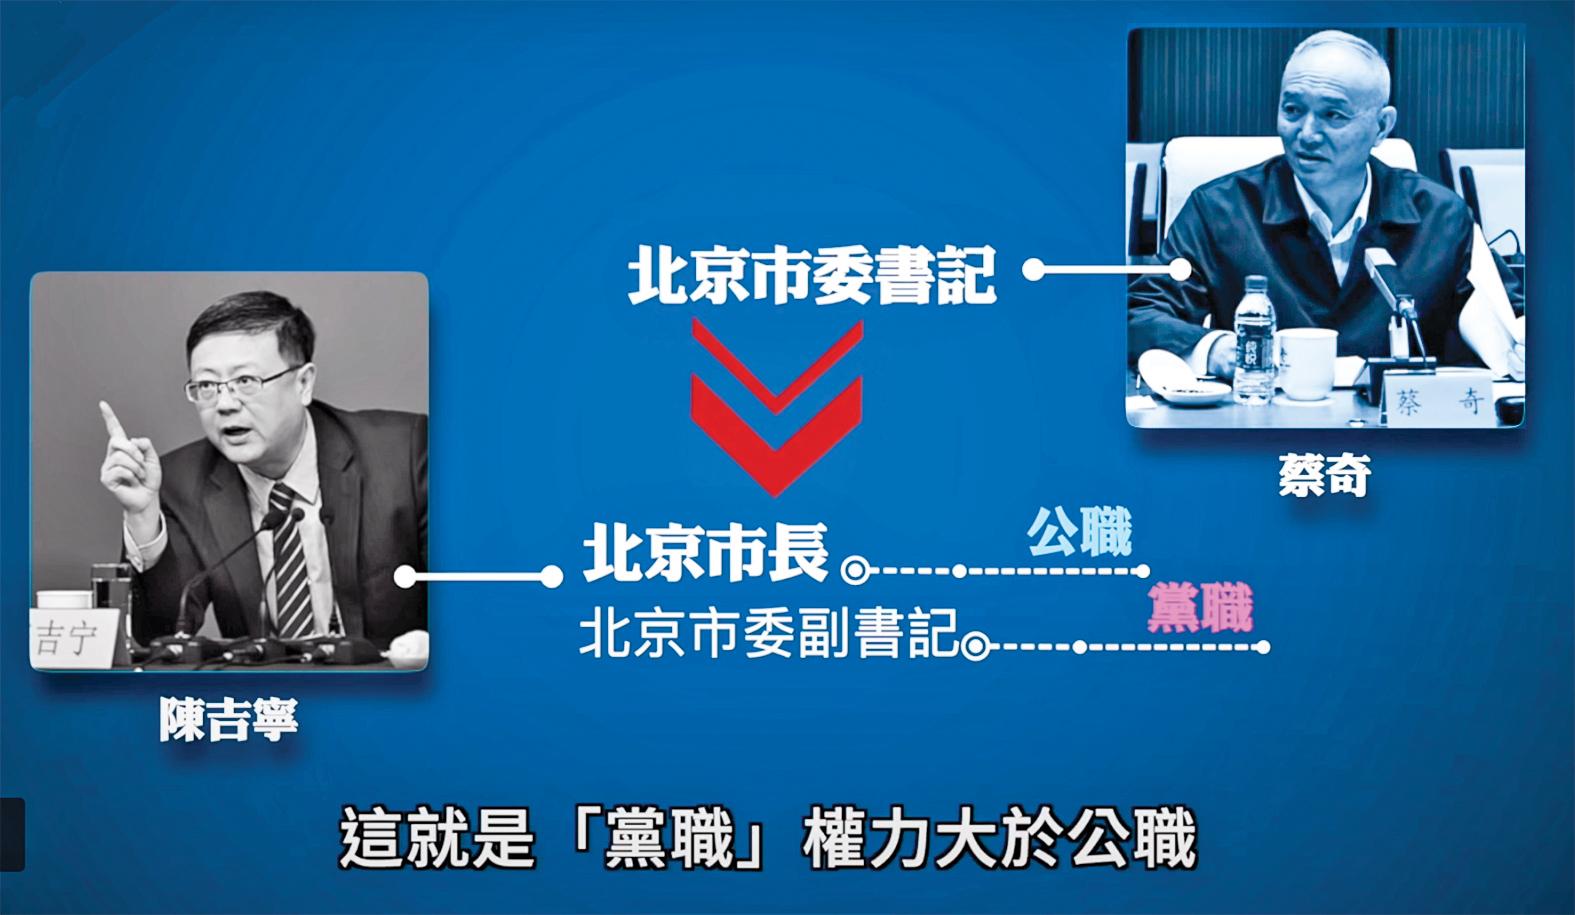 在中共專政體制下,只有中共黨員才會被中共任用,出任公職,而且黨職的權力大於公職。(影片截圖)